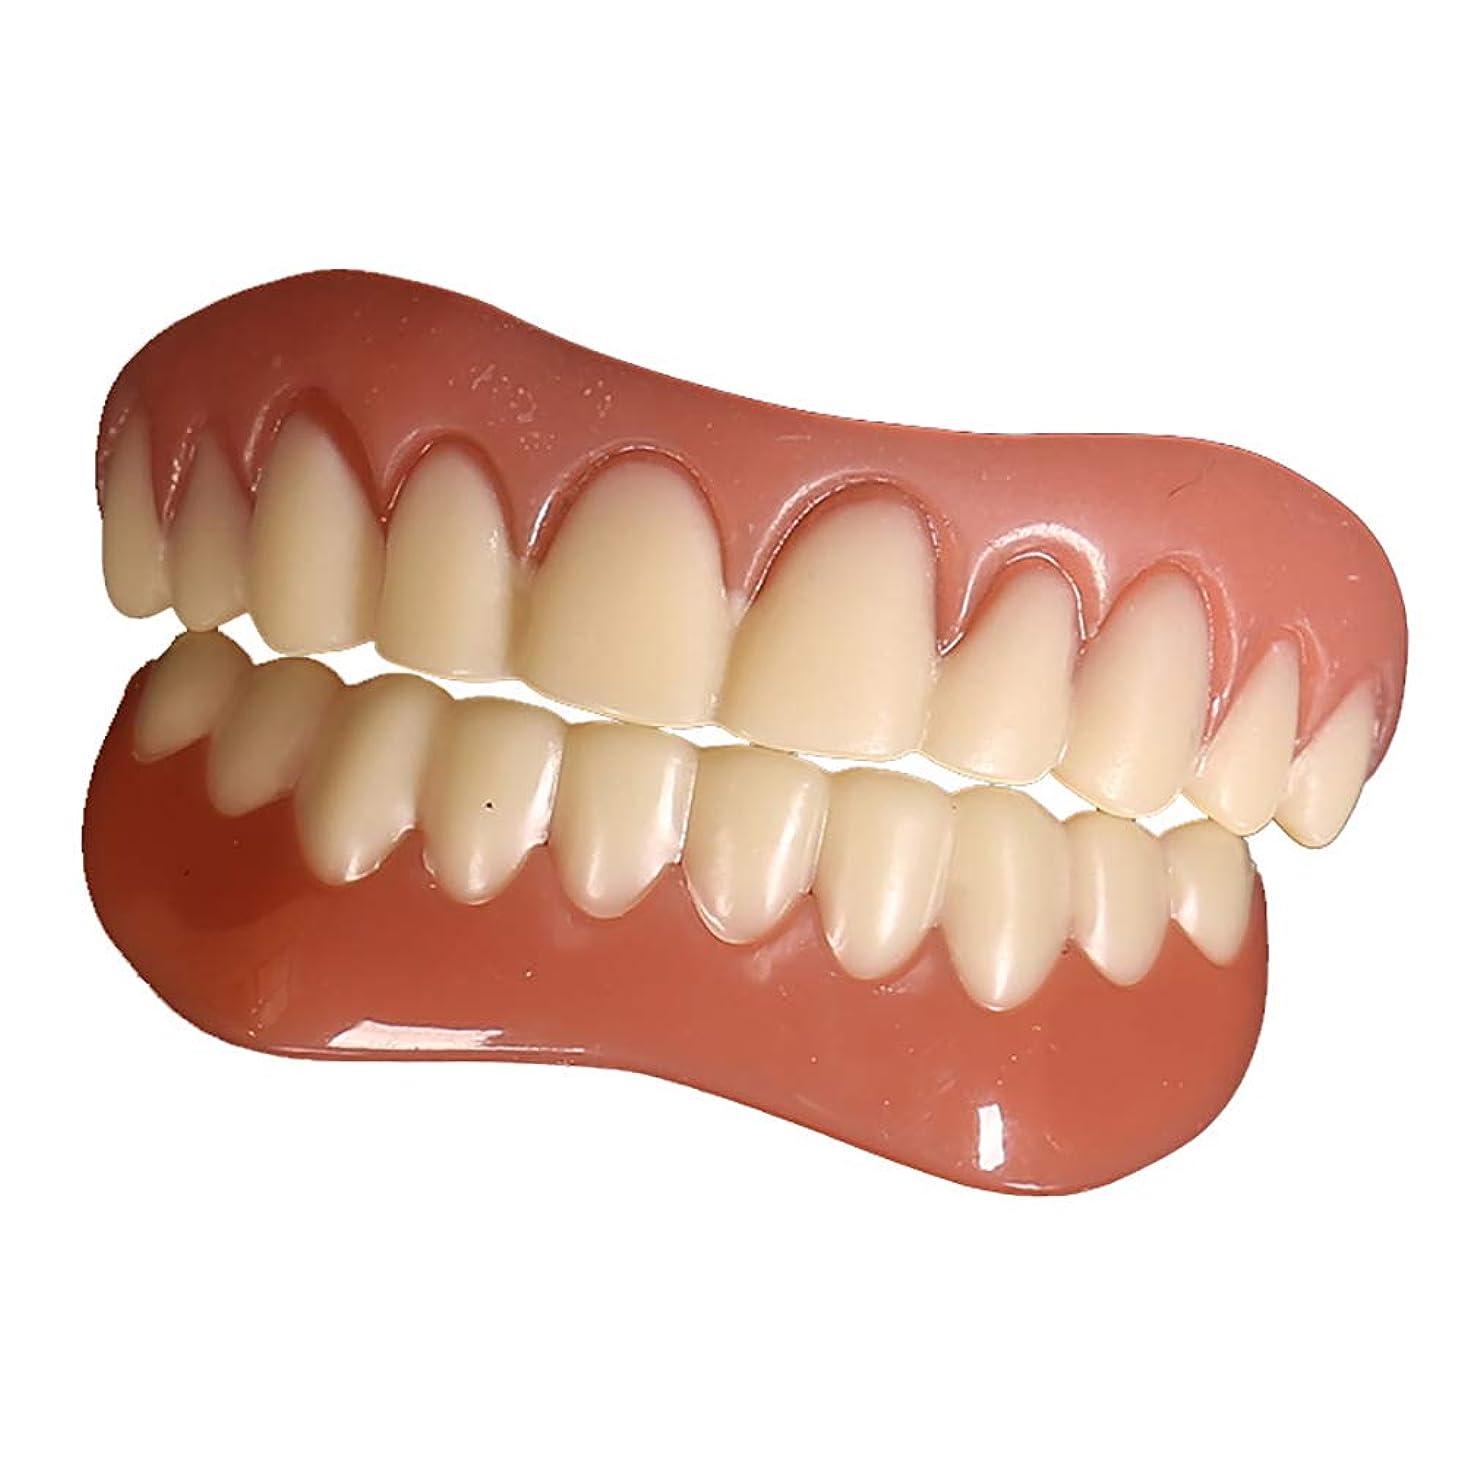 砦支給タイムリーなパーフェクトインスタントスマイルティースベニアインスタント美容義歯上下歯2個入り(フリーサイズ(中)